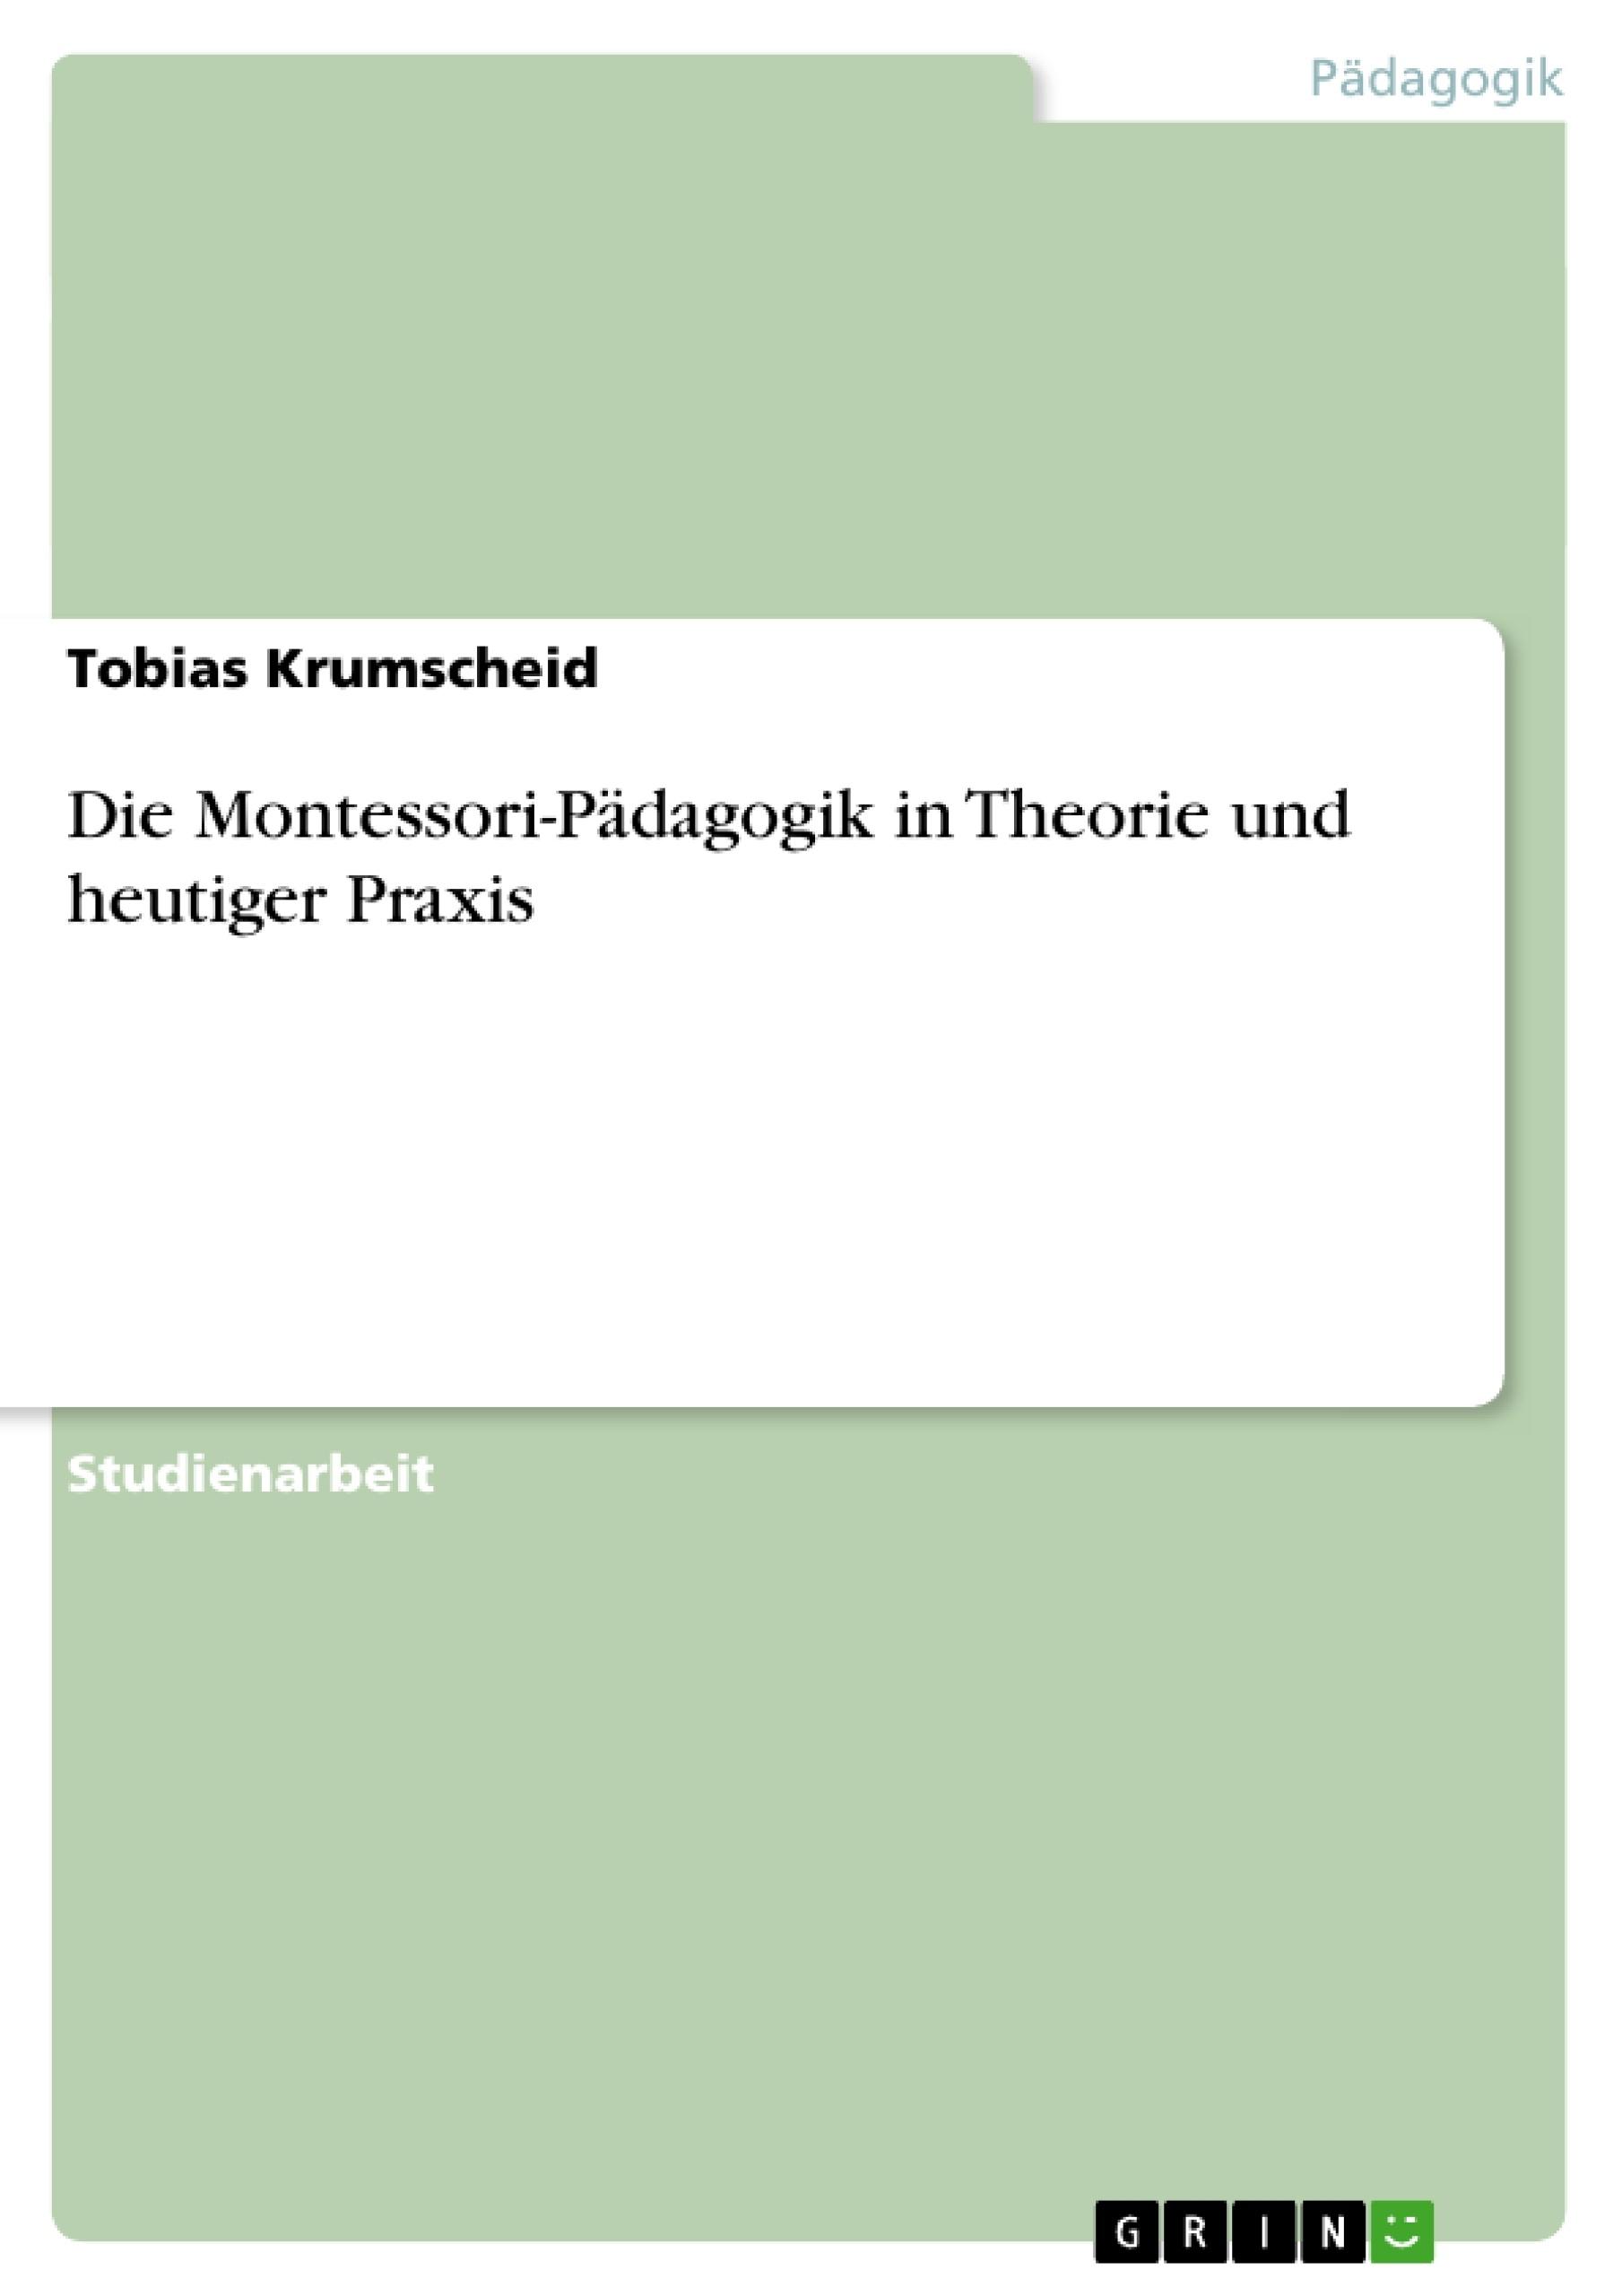 Titel: Die Montessori-Pädagogik in Theorie und heutiger Praxis